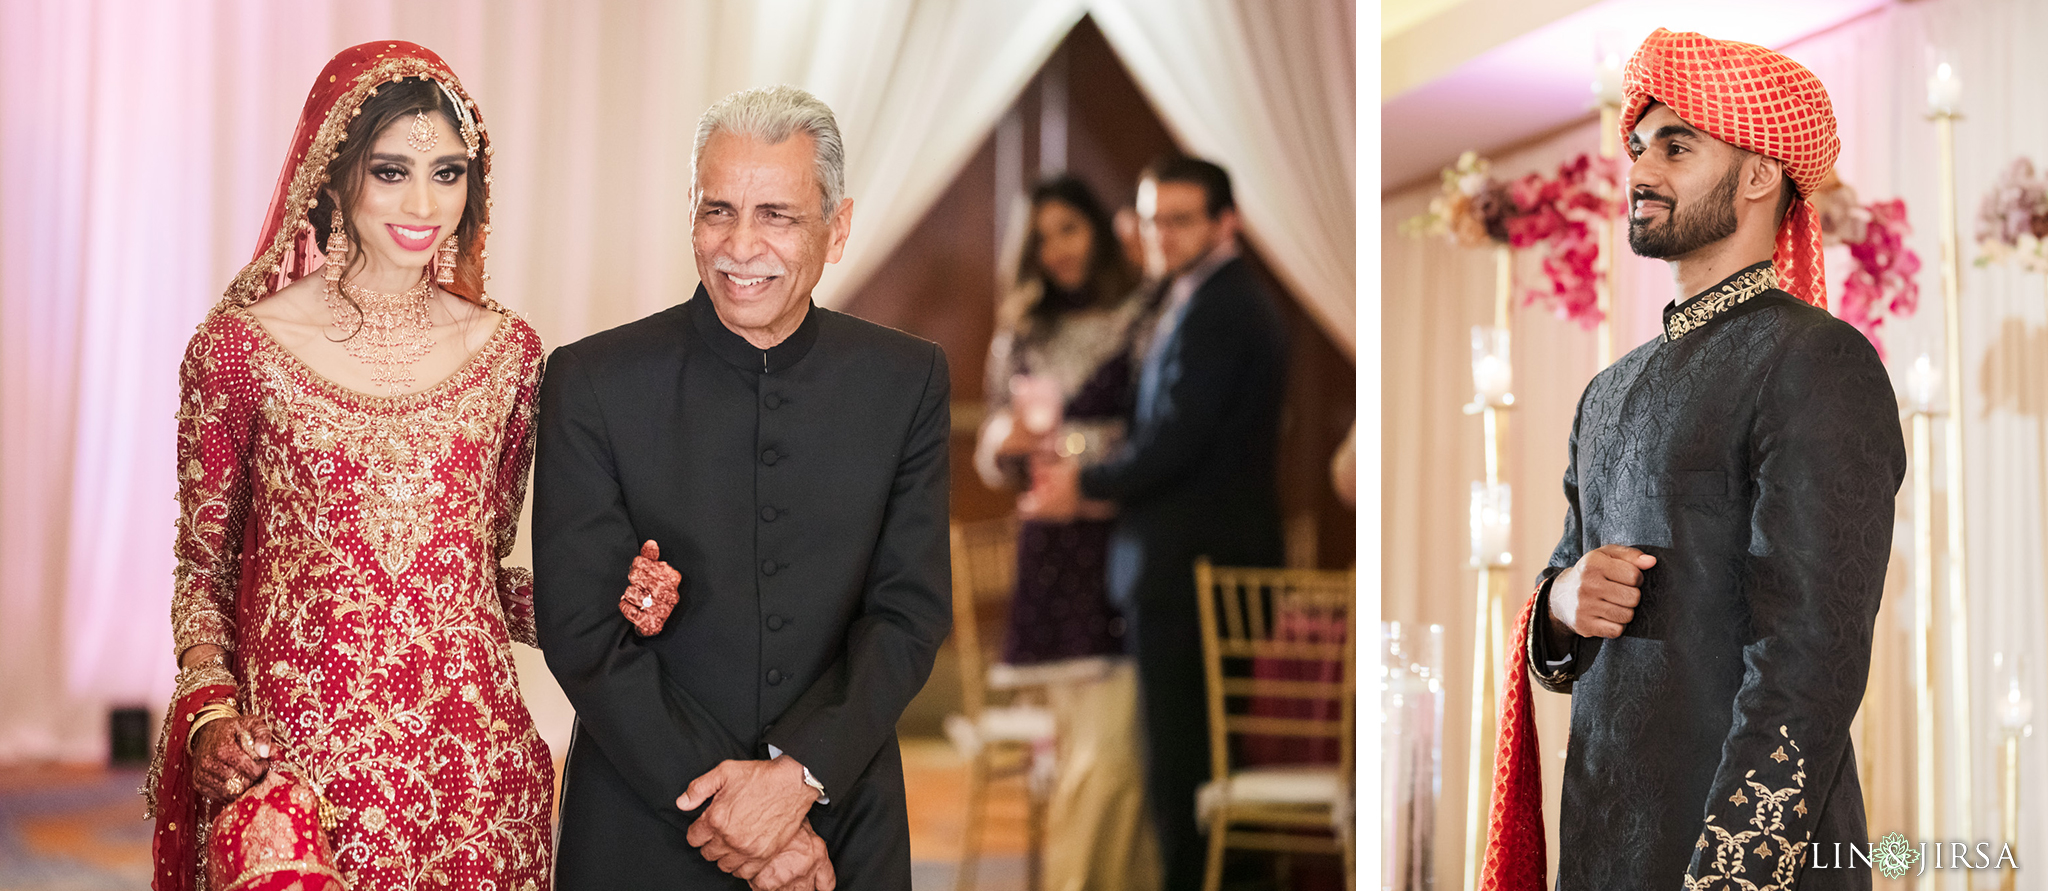 34 Hyatt Regency Garden Grove Pakistani Muslim Wedding Photography